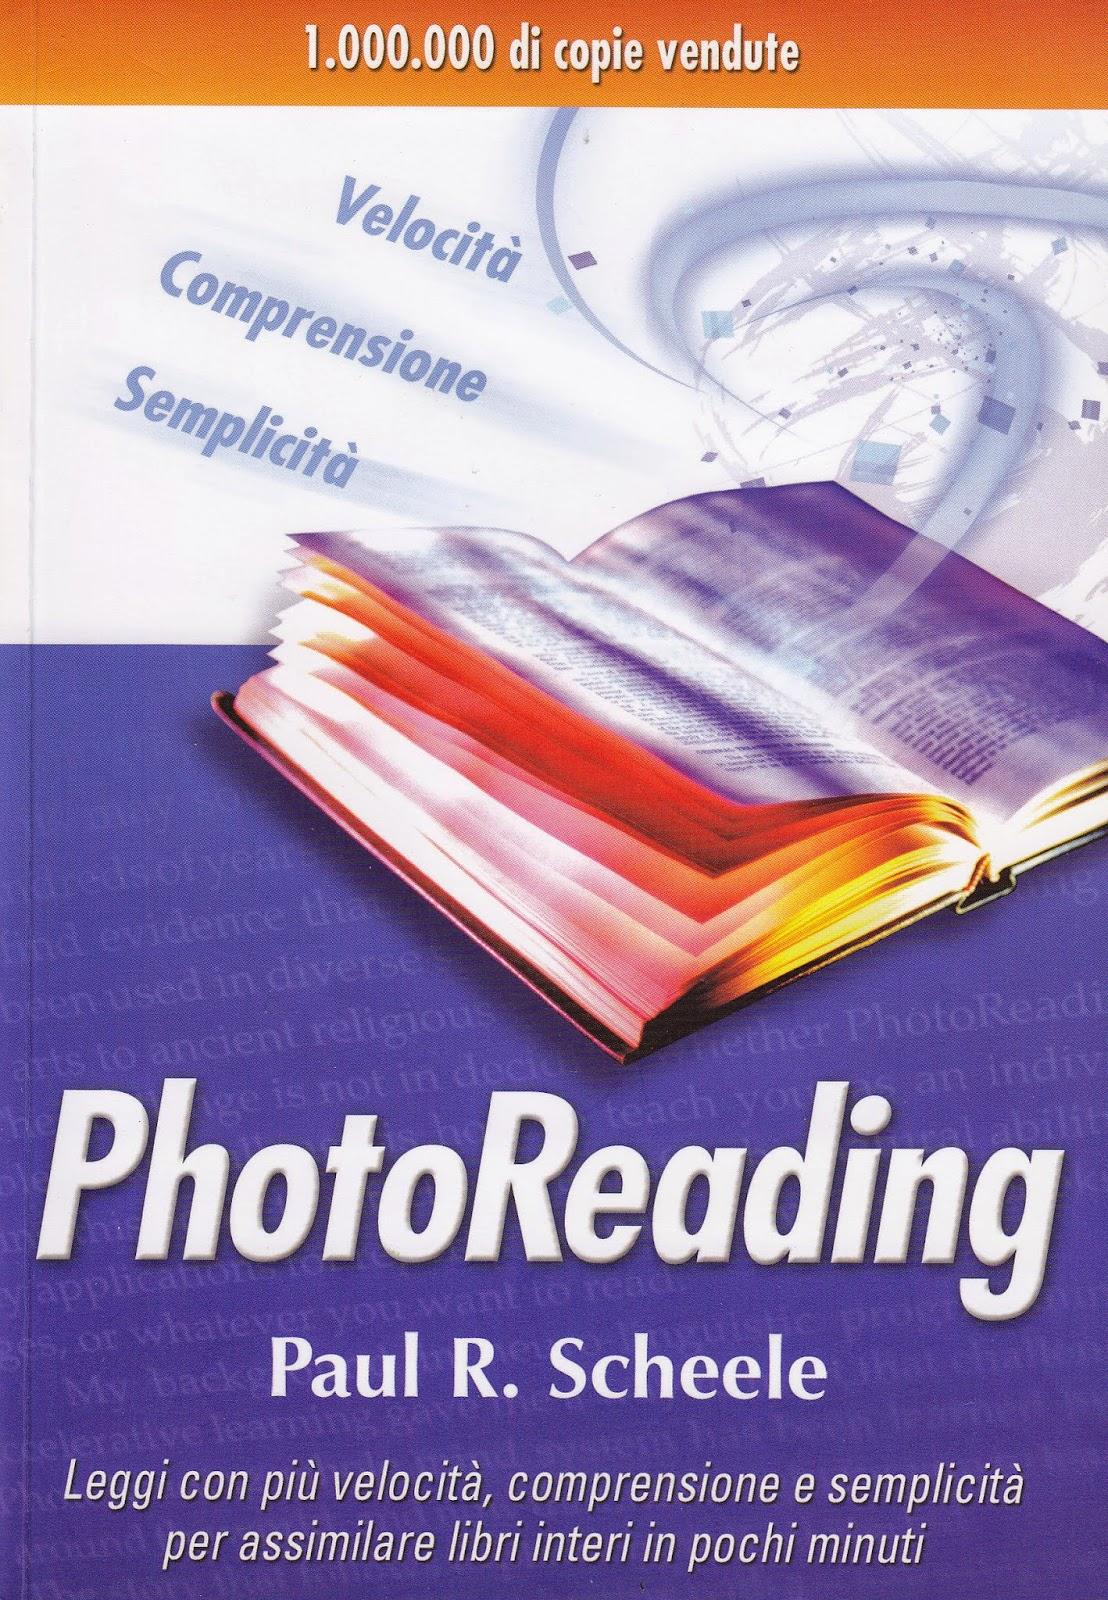 """Il libro """"Photoreading"""" di Paul R. Scheele"""